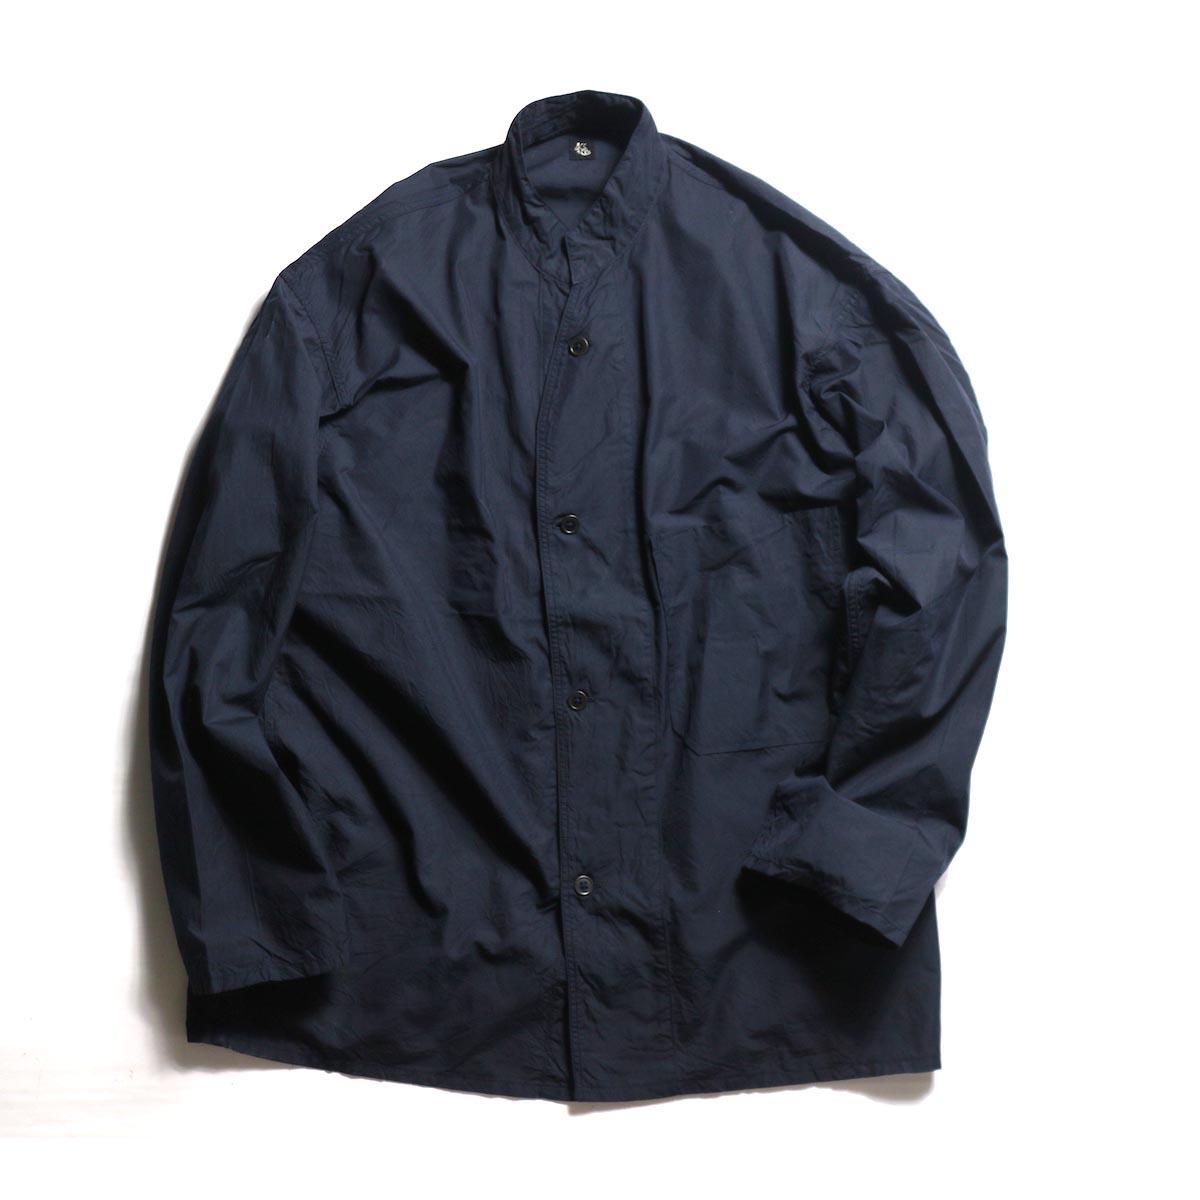 Kaptain Sunshine / Sleeping Jacket -Navy